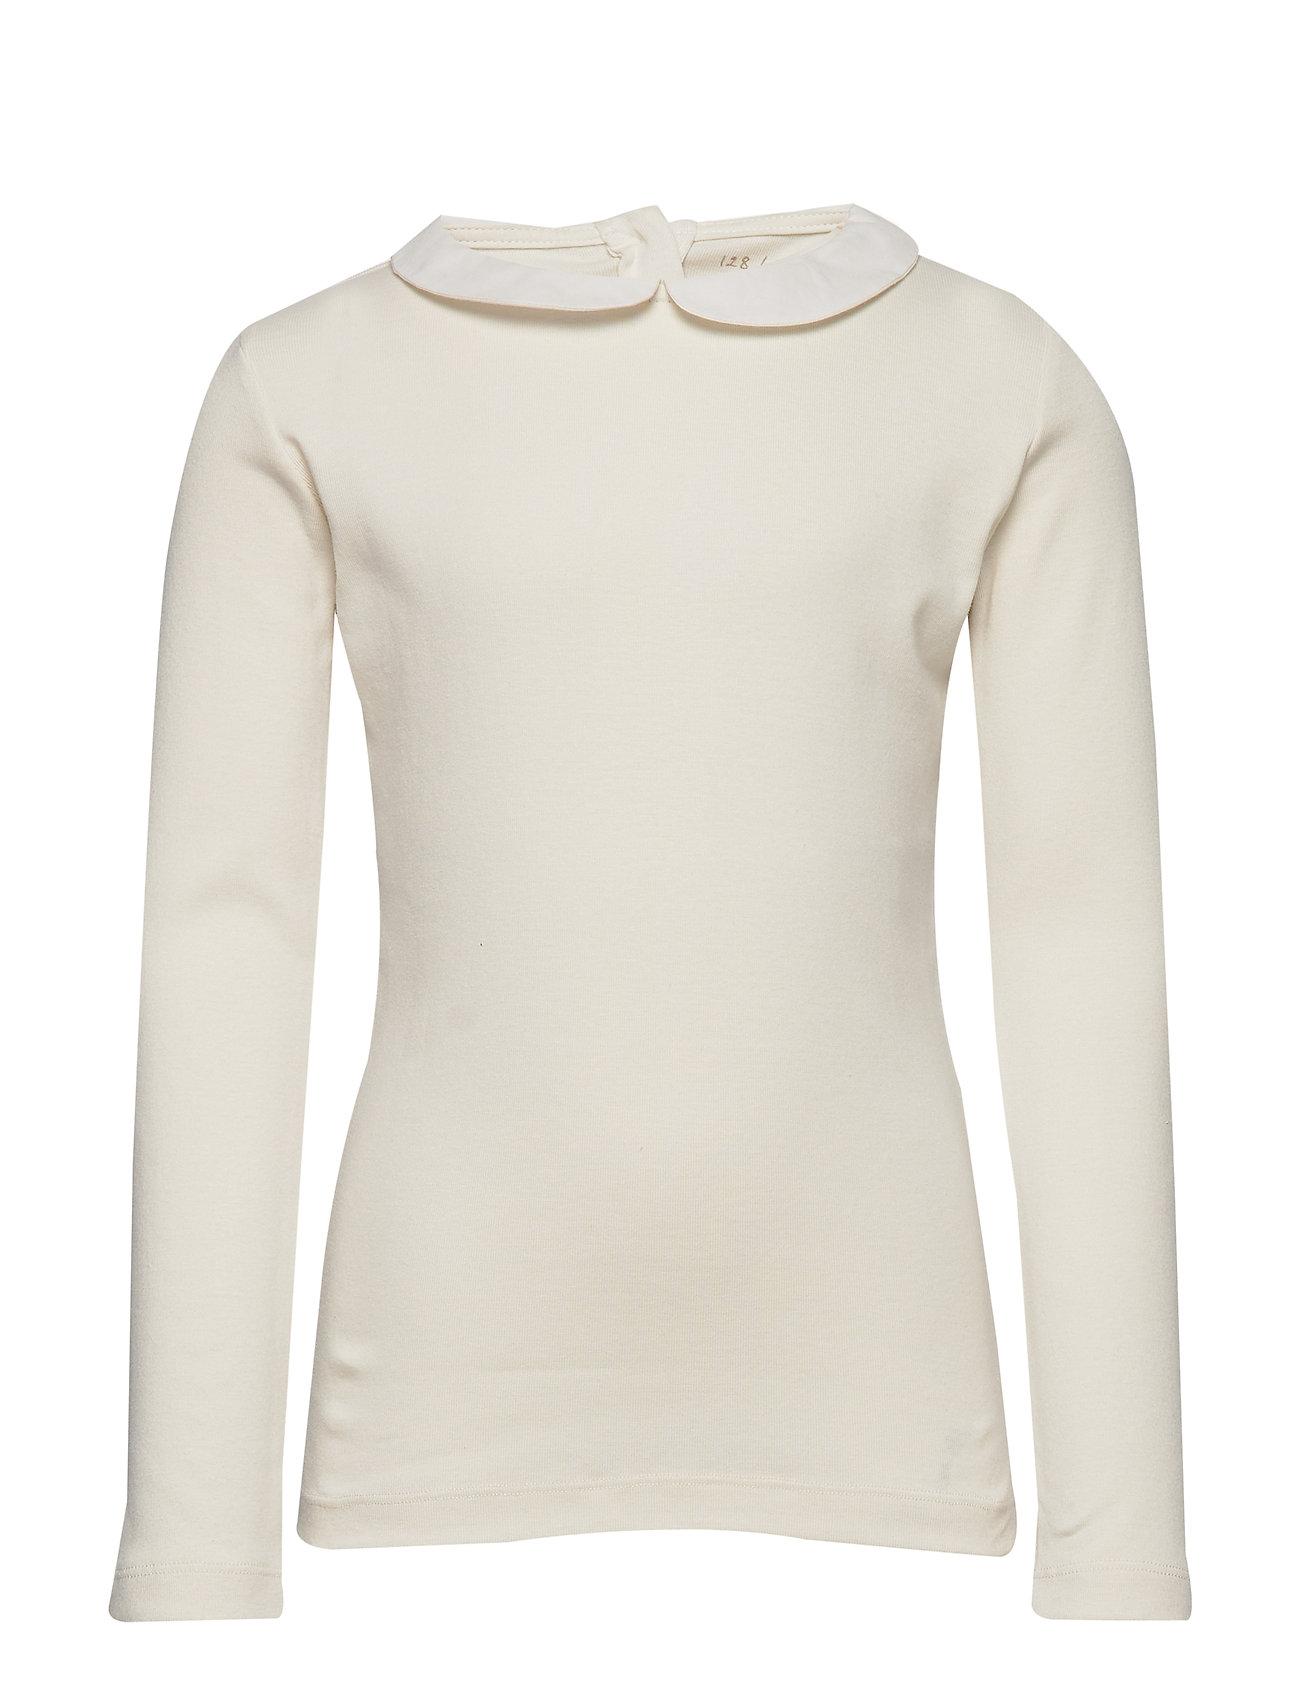 Noa Noa Miniature T-shirt - WHISPER WHITE